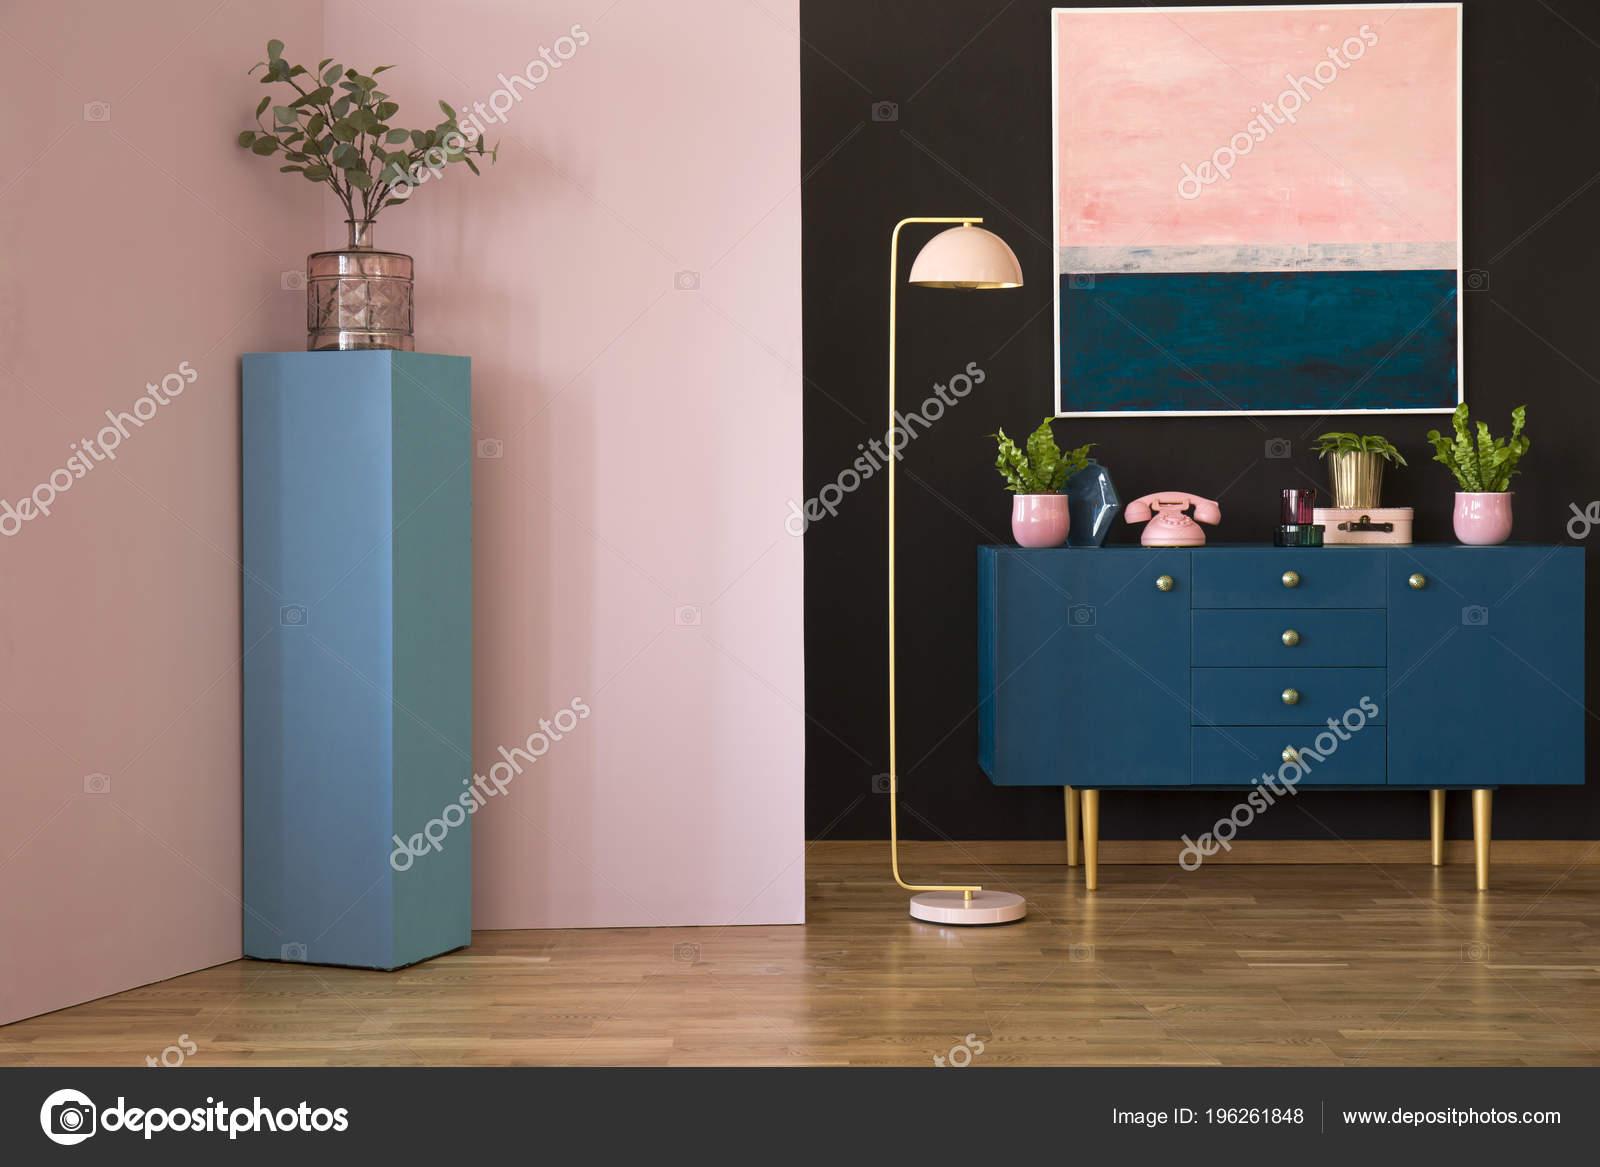 Badkamerkast Met Lamp : Blauwe kast met planten lamp schilderen een zwarte muur een